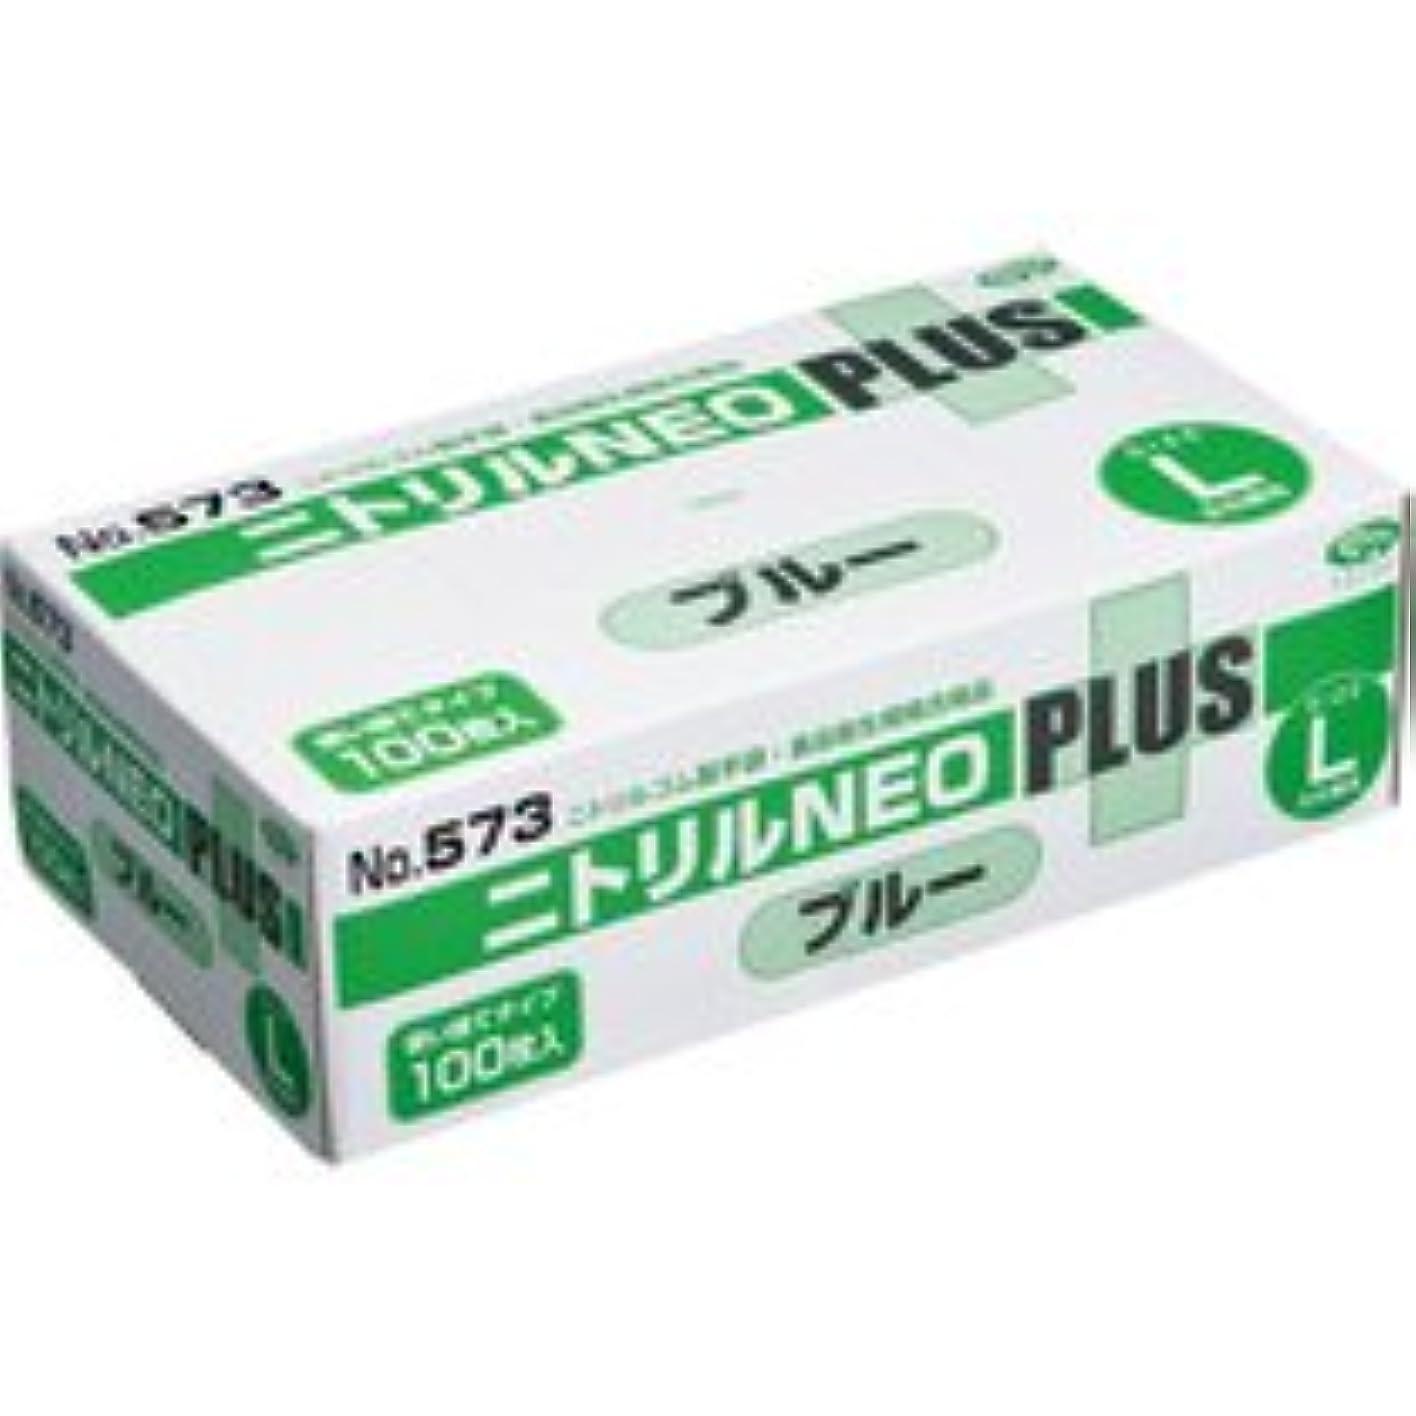 インペリアル頬入札エブノ ニトリルNEOプラス パウダーイン ブルー L NO-573 1箱(100枚)